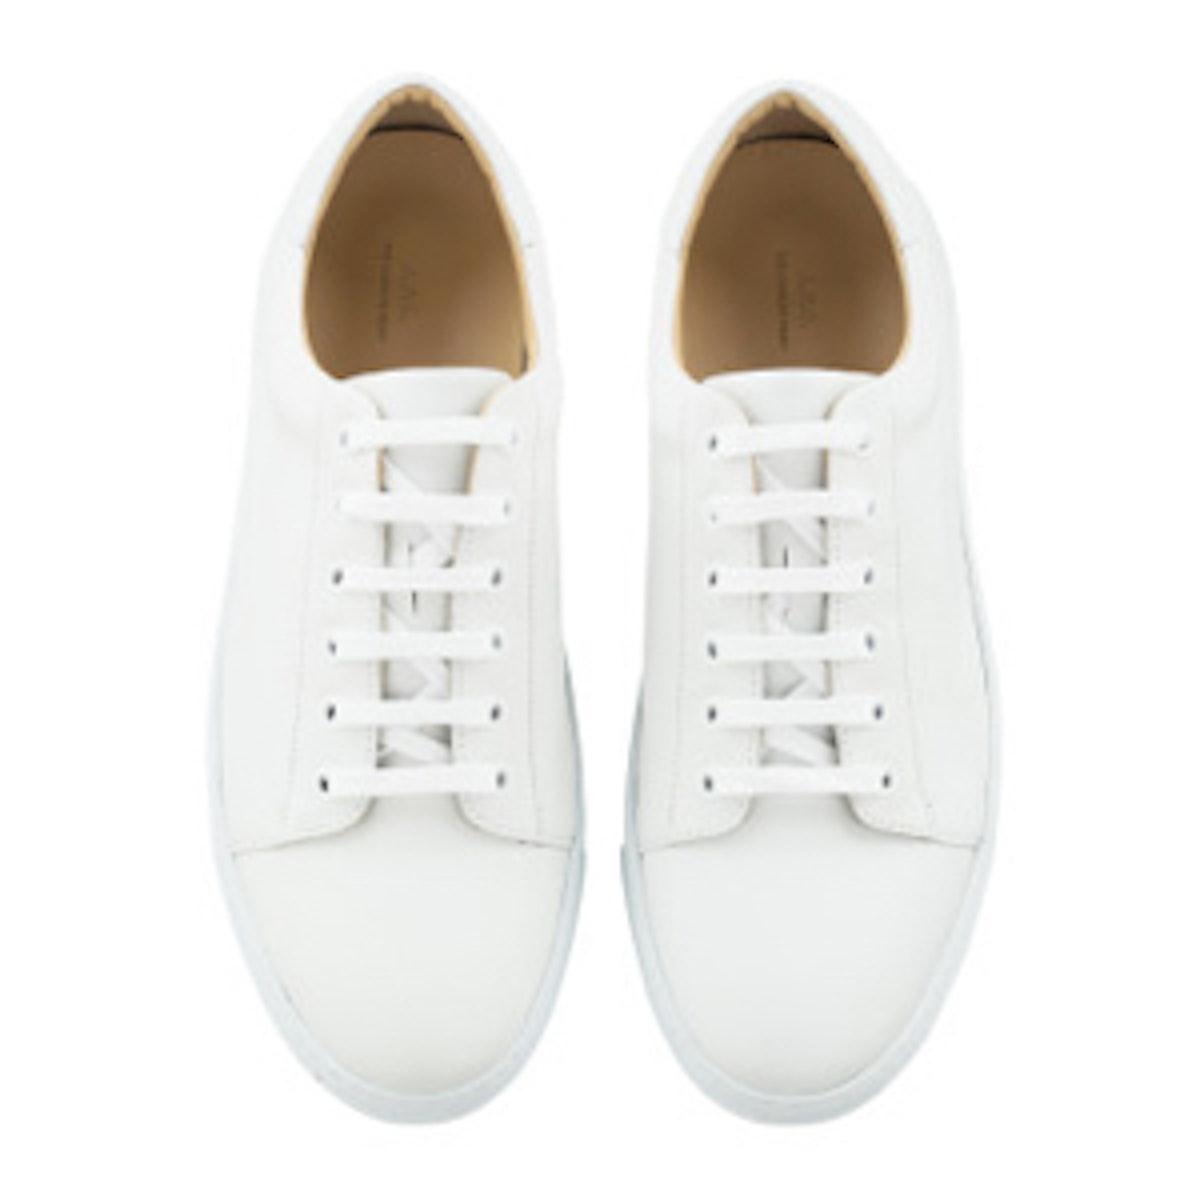 Steffi Tennis Shoes